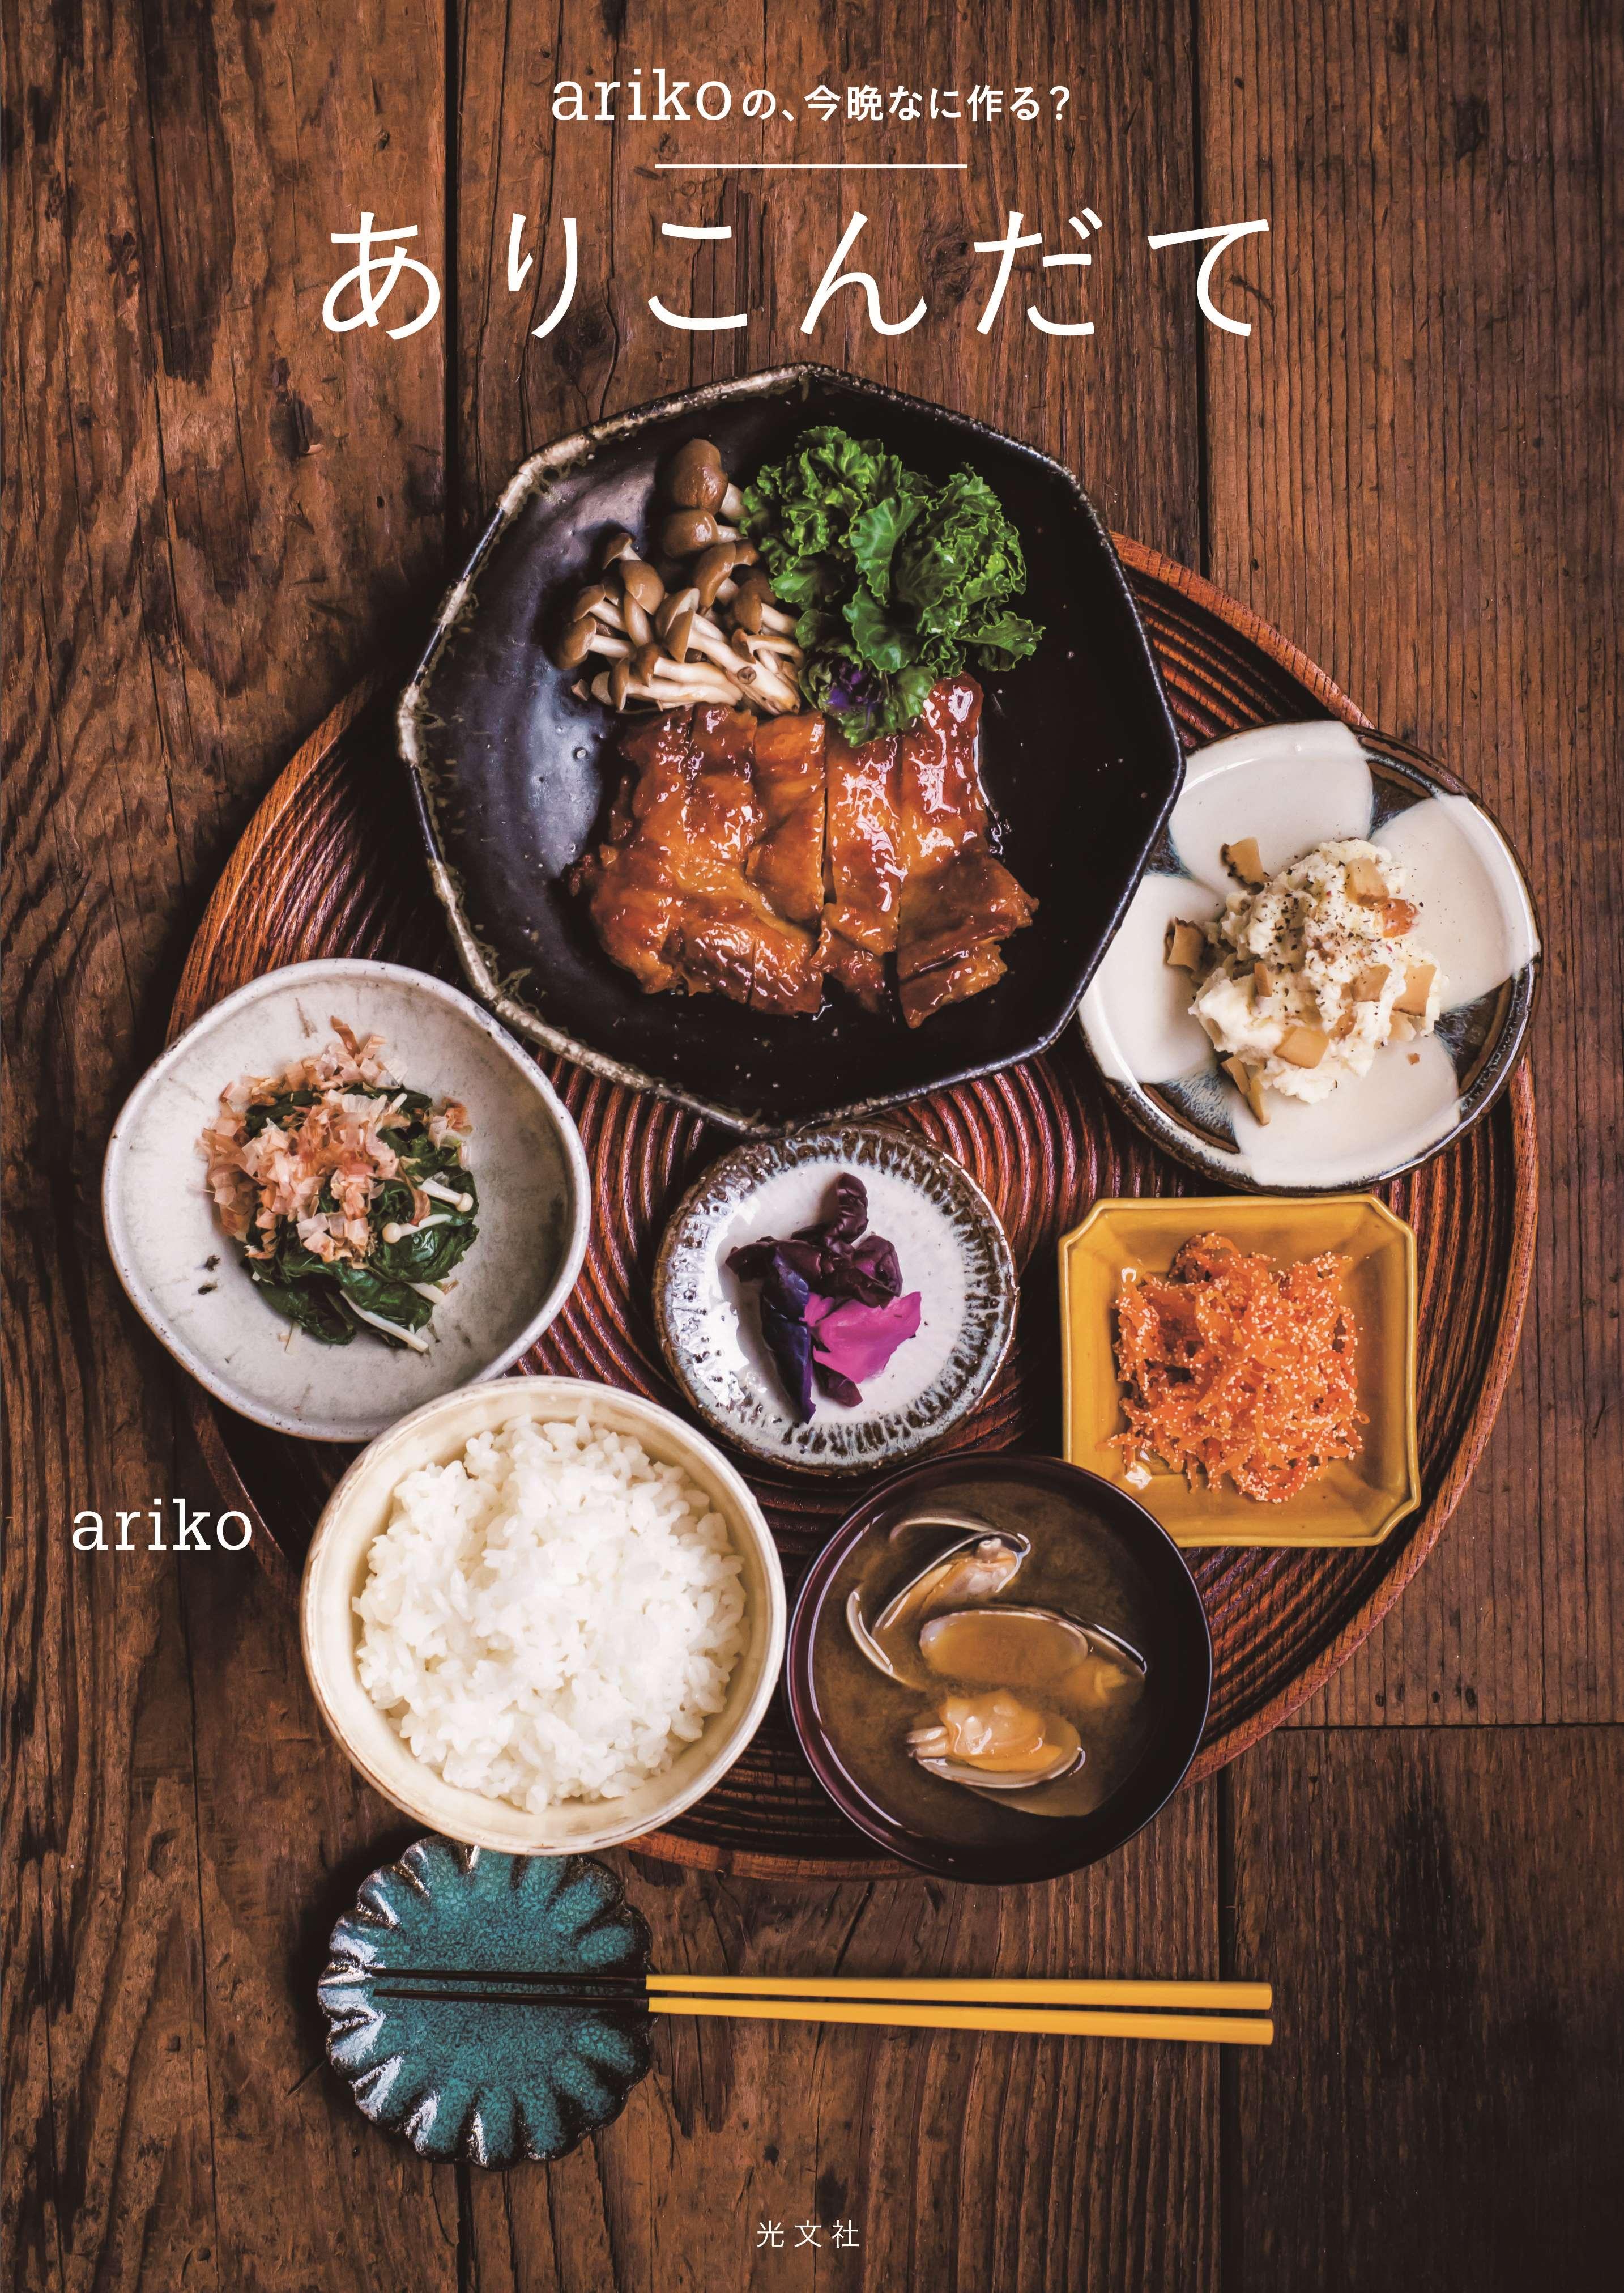 インスタフォロワー14万人超! arikoの最新レシピ本『arikoの、今晩なに作る? ありこんだて』が5月28日(木)に発売